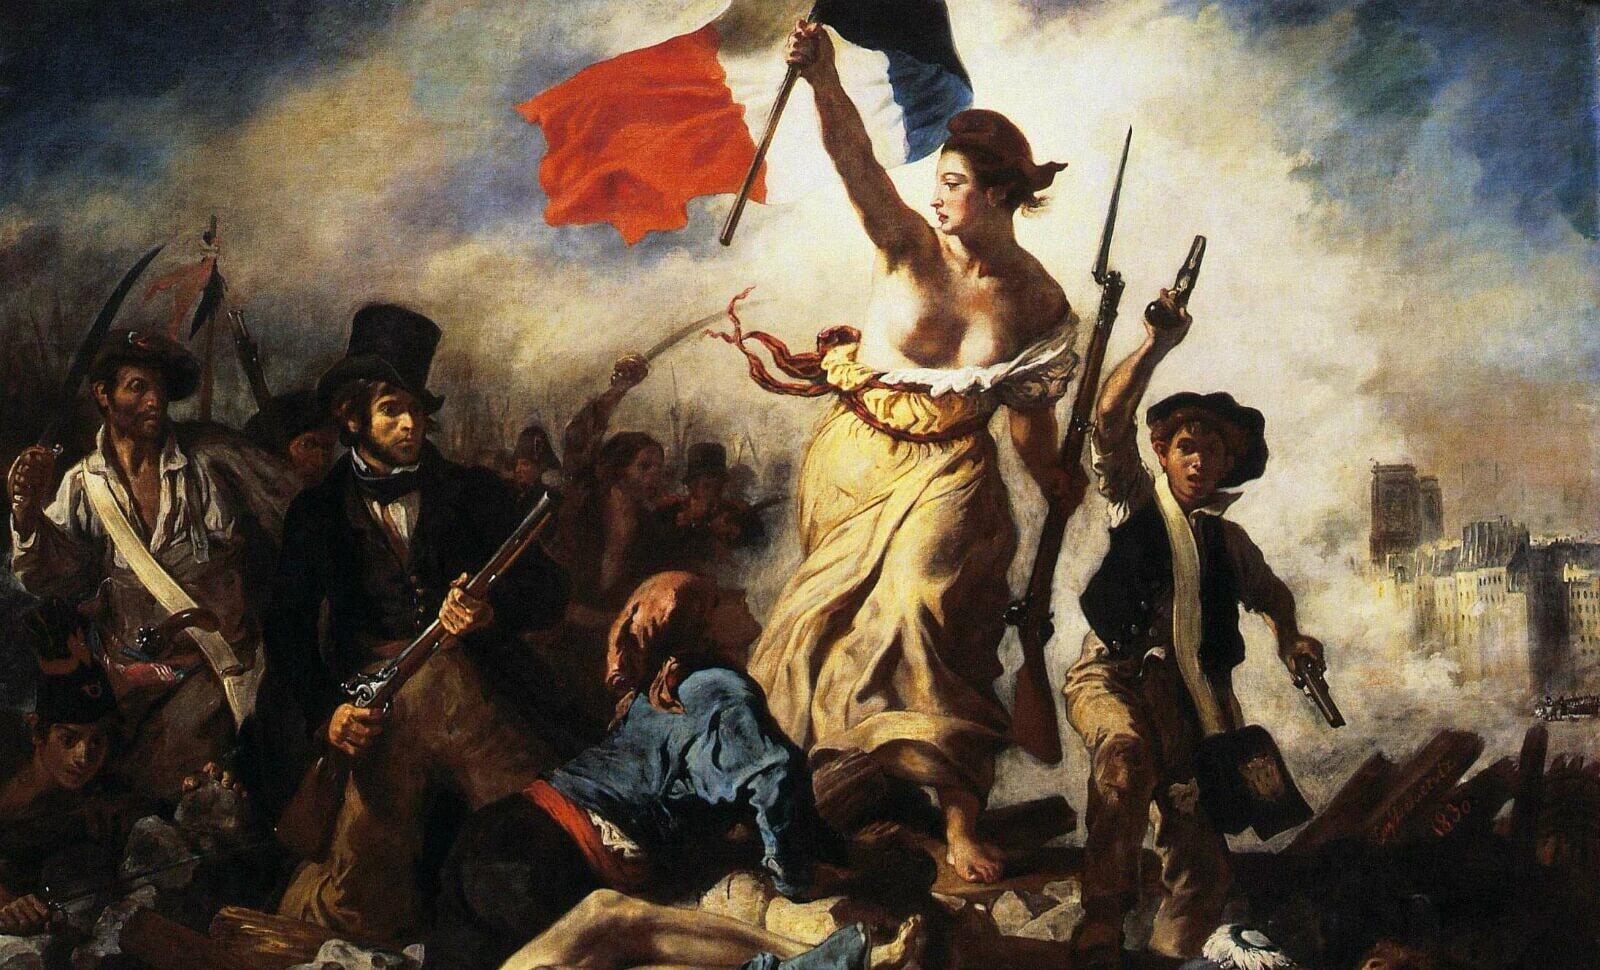 """نمایشگاه آثار اوژن دولاکروا در موزه لوور پاریس؛ تابلوی """"آزادی، هدایتگر مردم"""""""